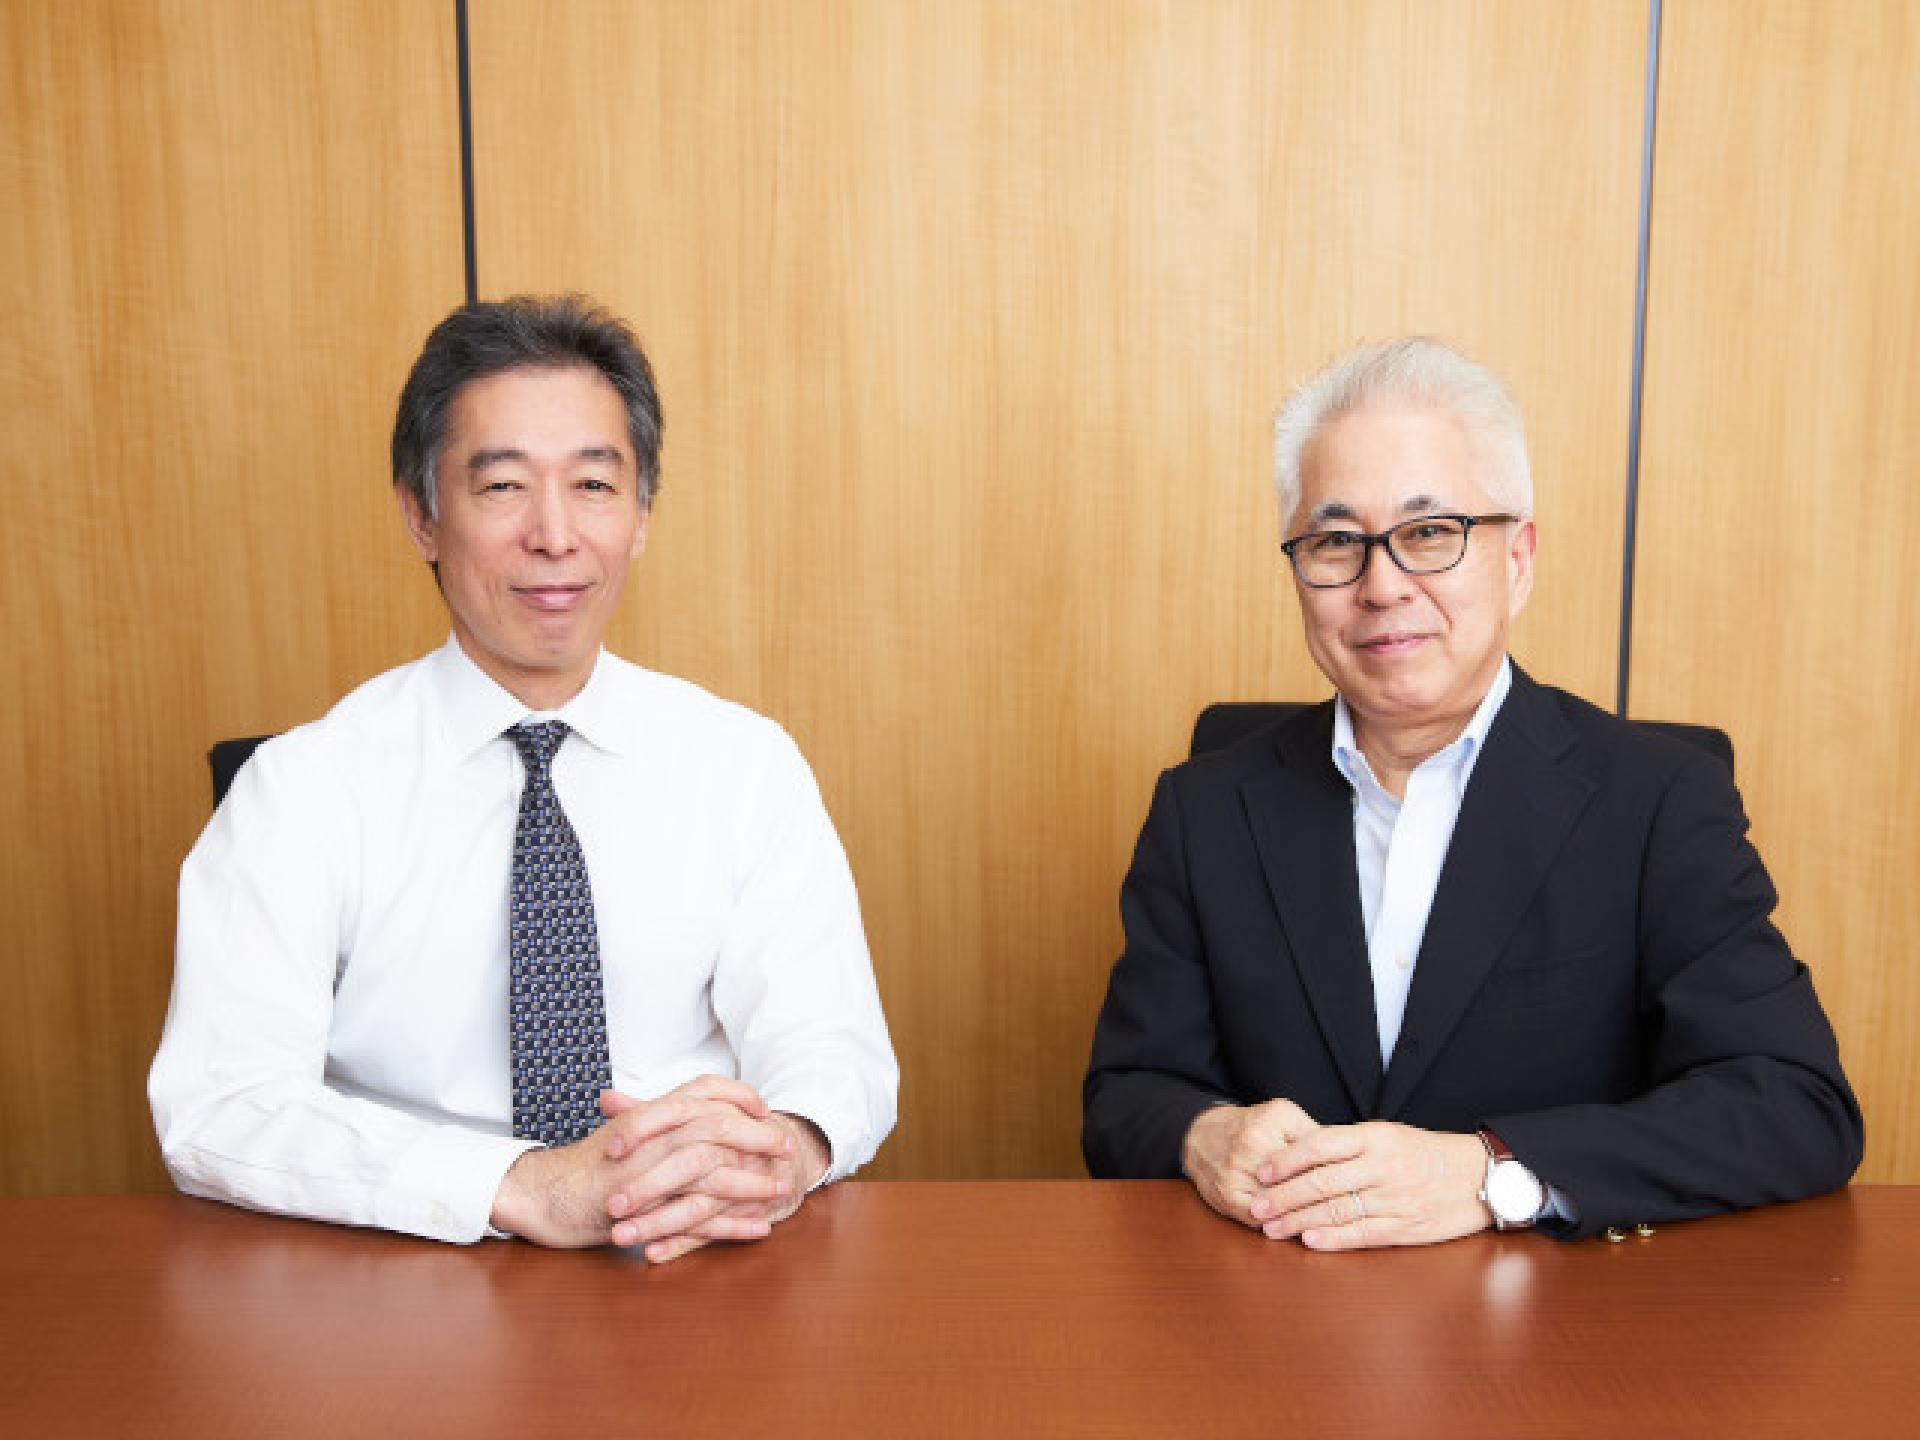 齋藤健博 弁護士(銀座さいとう法律事務所)